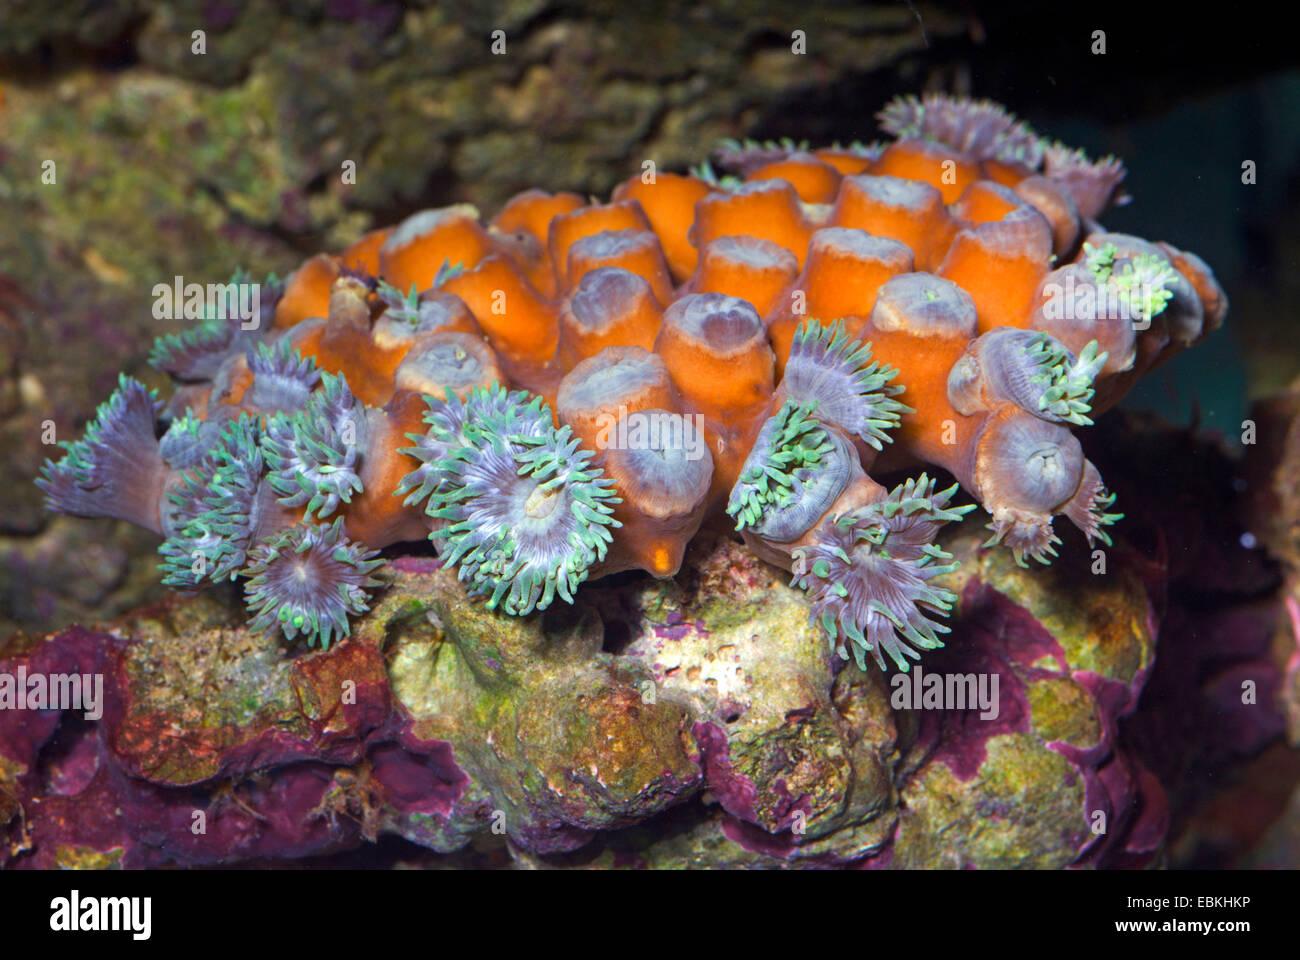 Stony corals (Duncanopsammia axifuga), colony - Stock Image